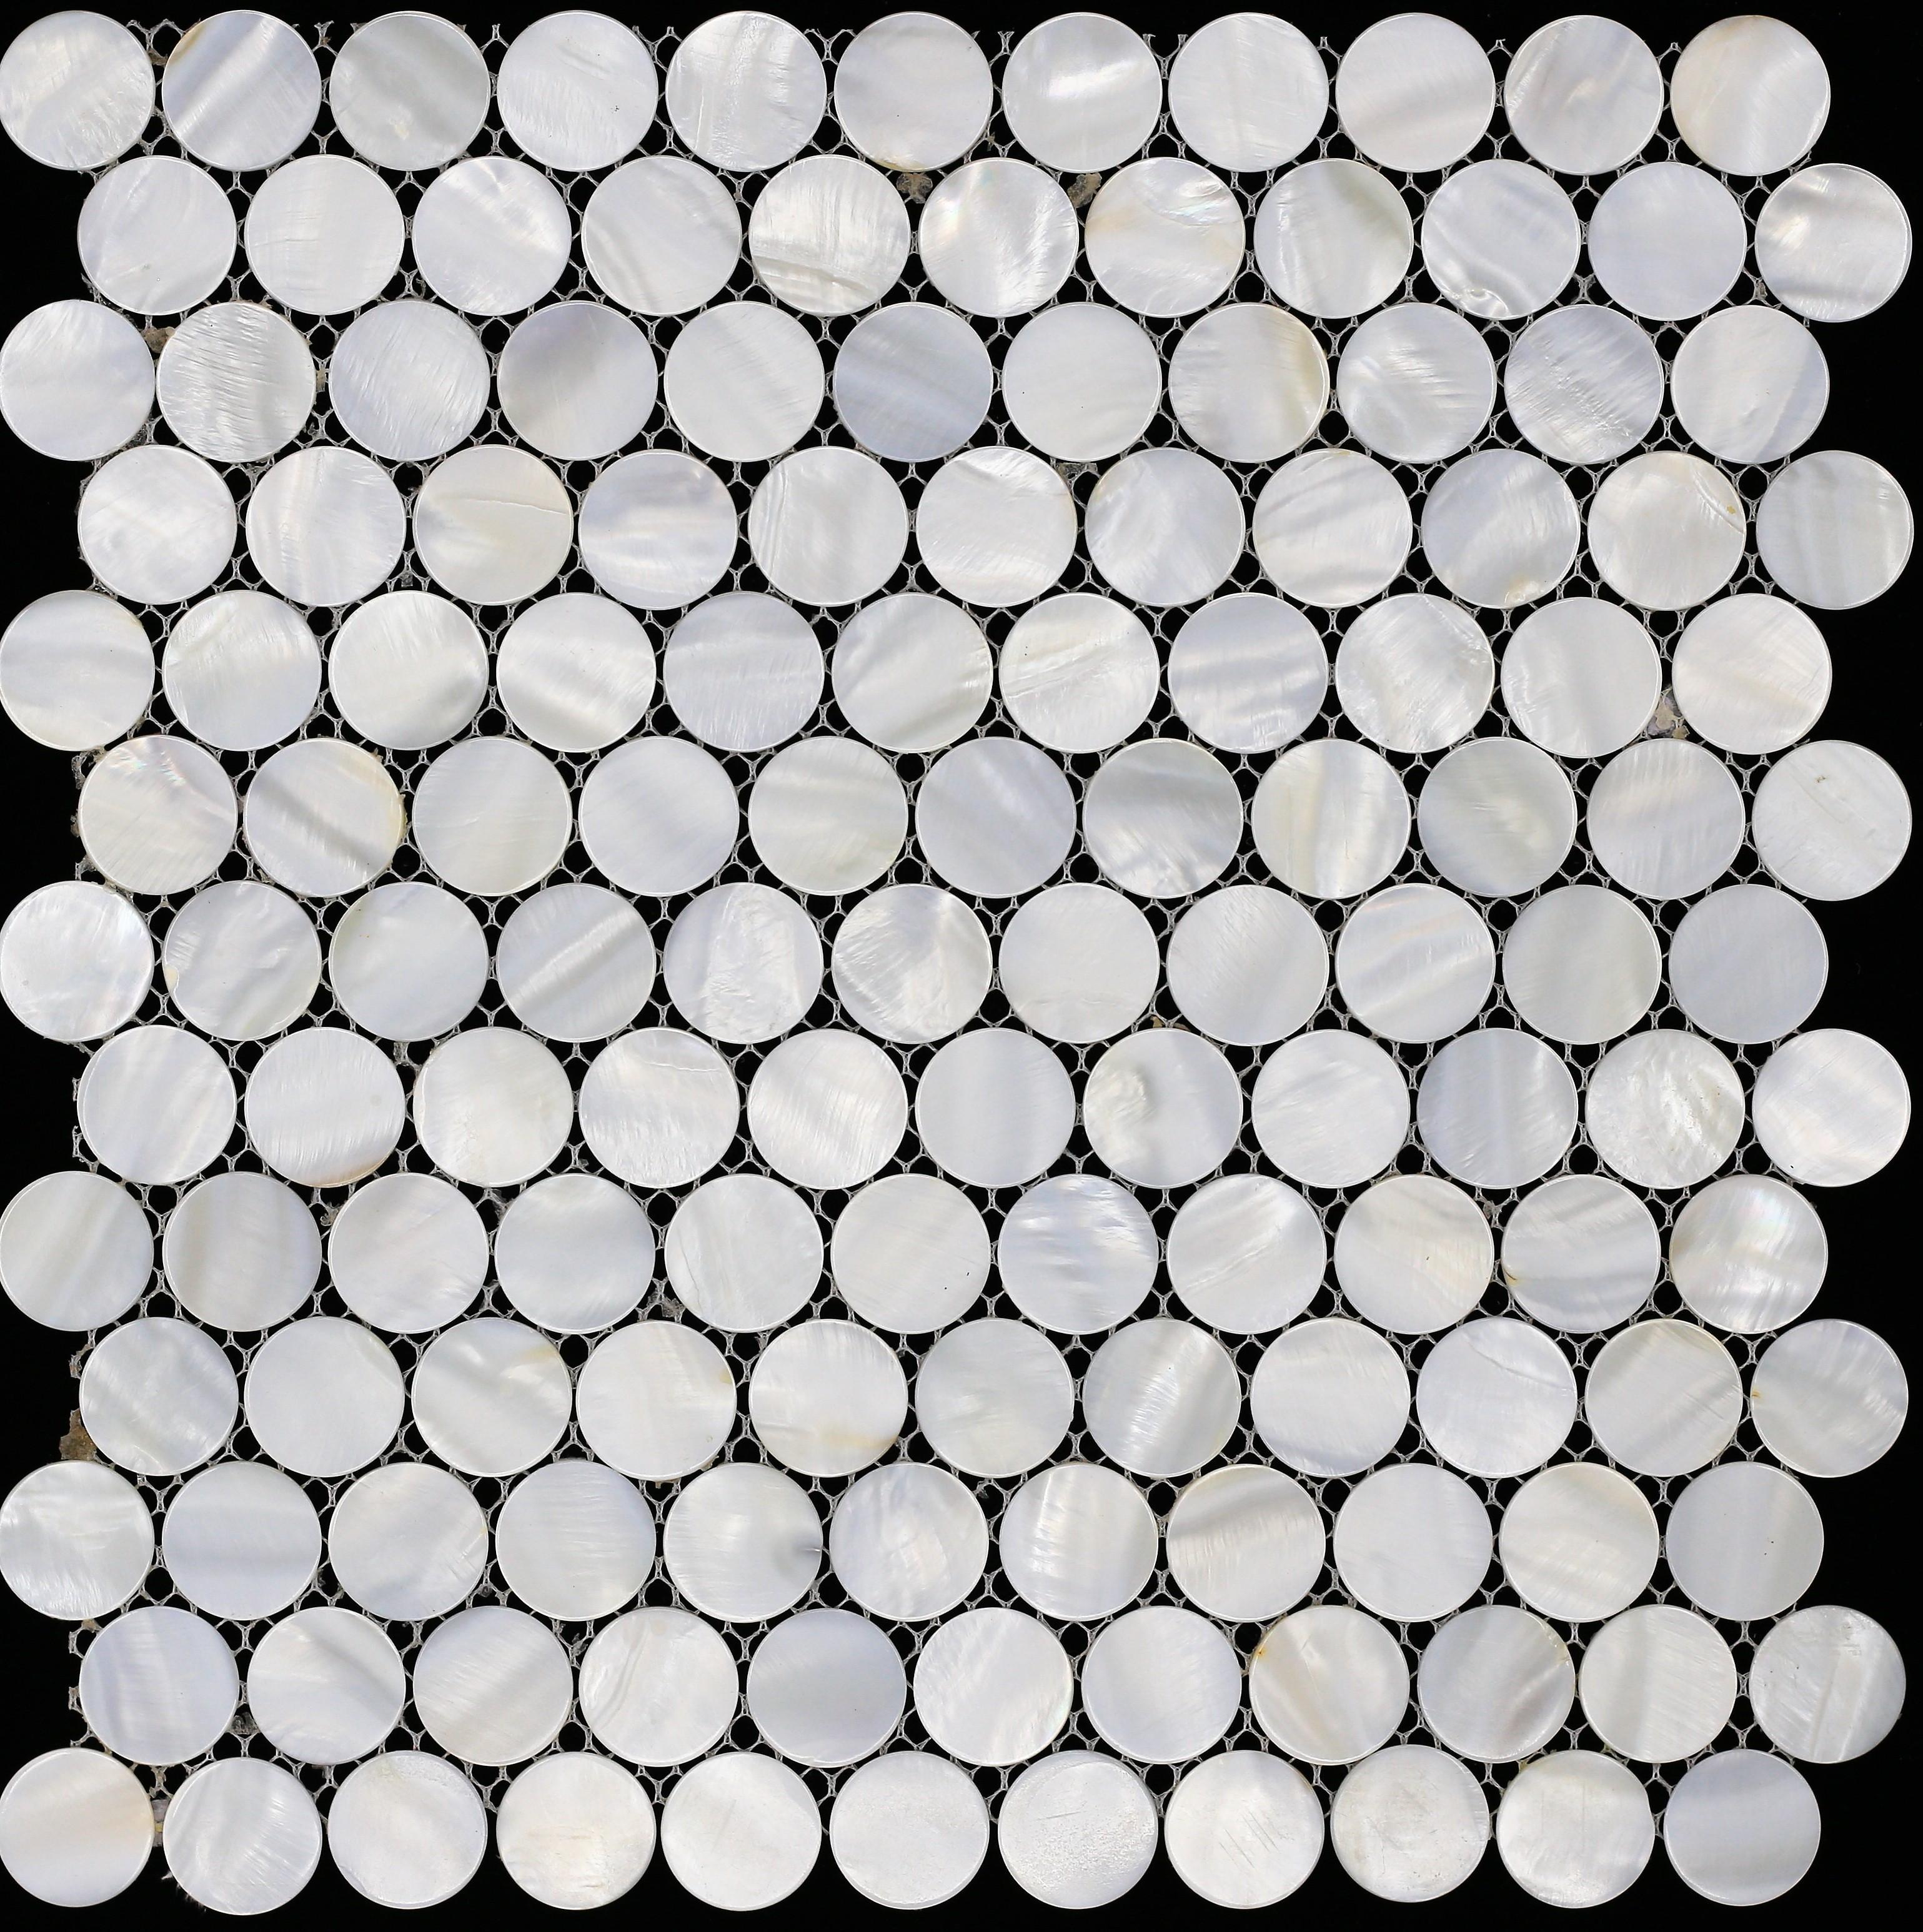 Penny mãe ronda de pérola shell telha da parede da telha de mosaico mosaico montado telha backsplash cozinha